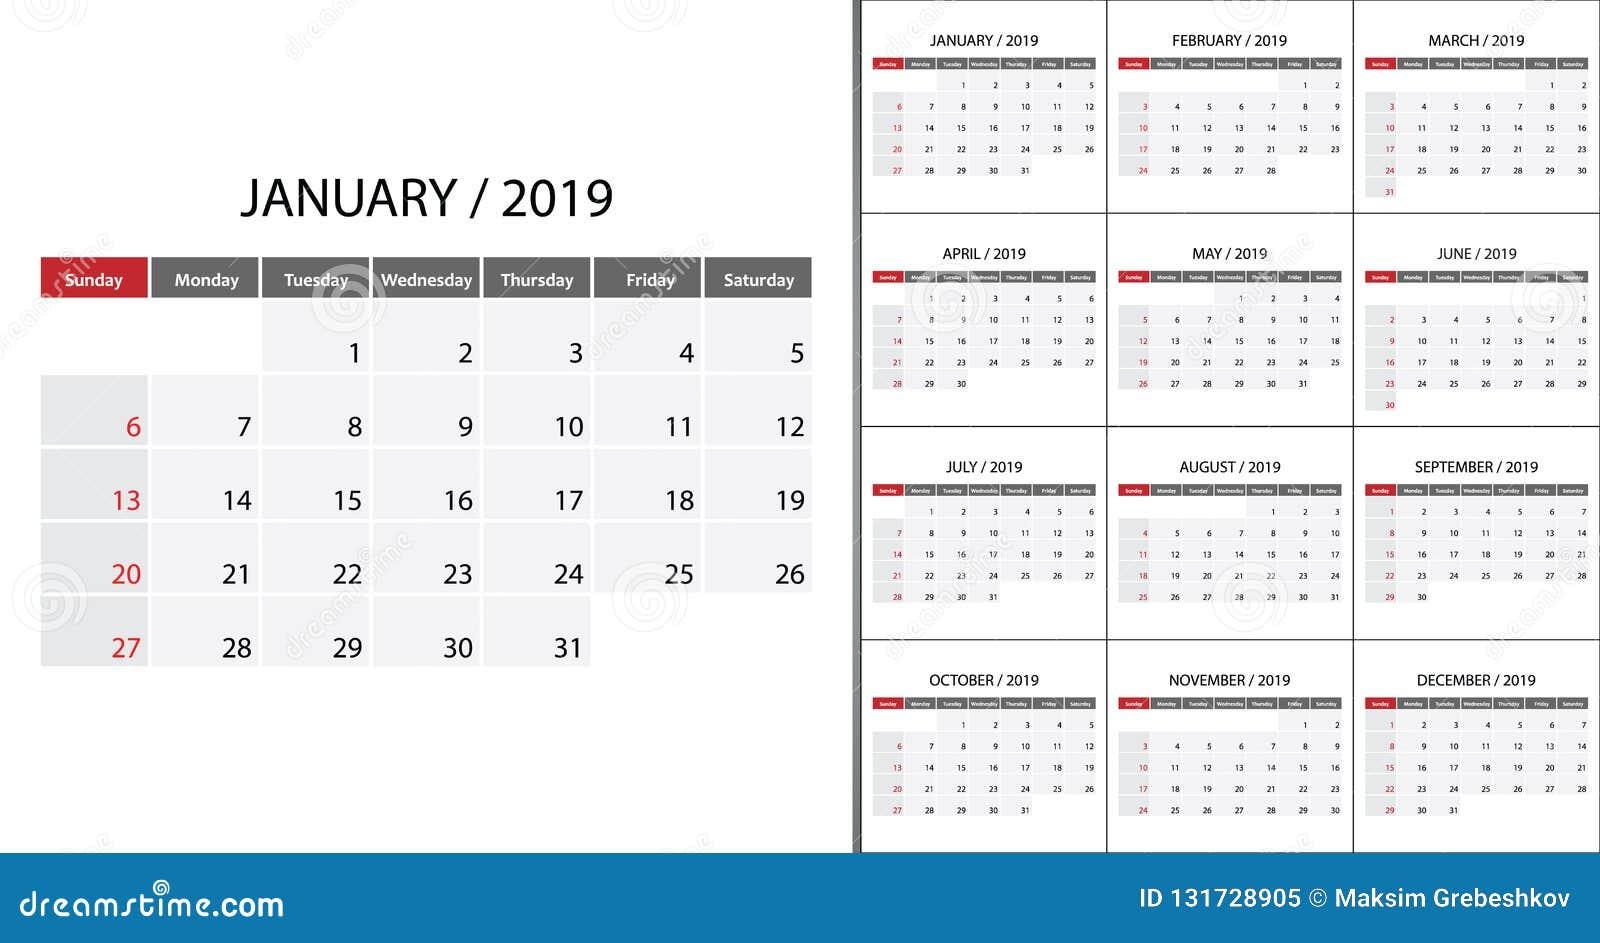 Calendario De Semanas.Calendario Comienzo De 2019 Semanas El Domingo Stock De Ilustracion